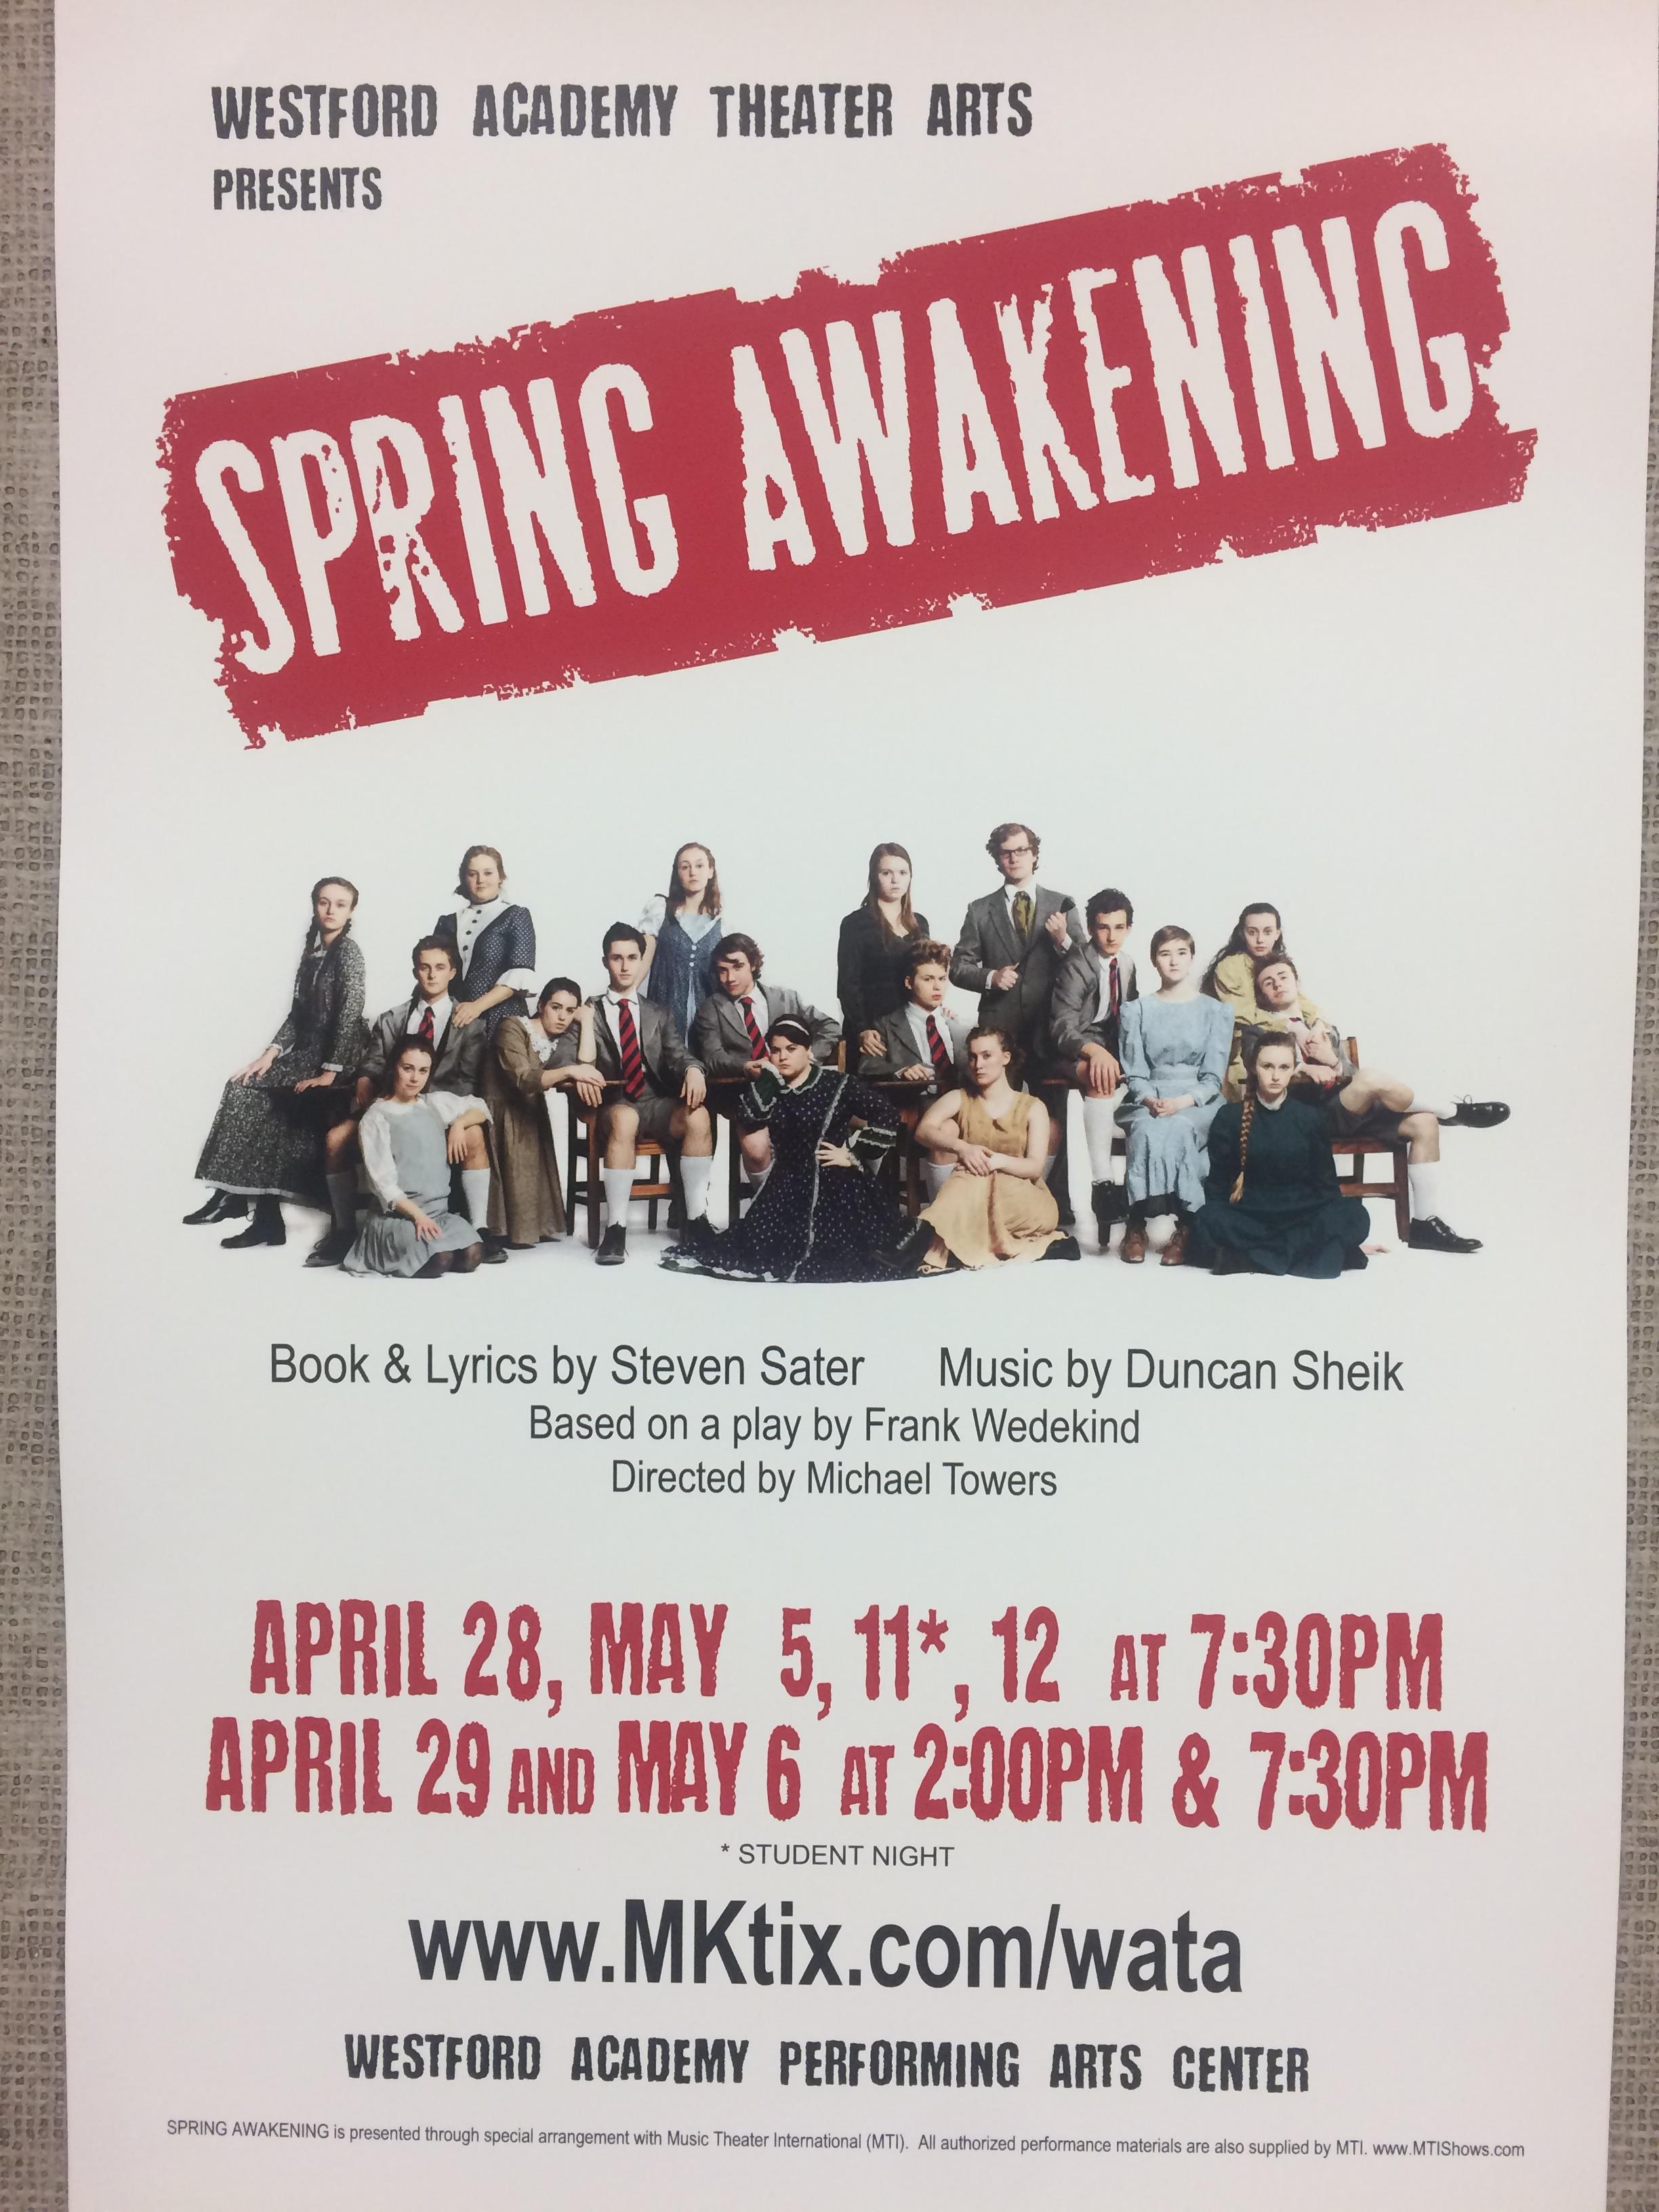 Spring Awakening arrives at WA